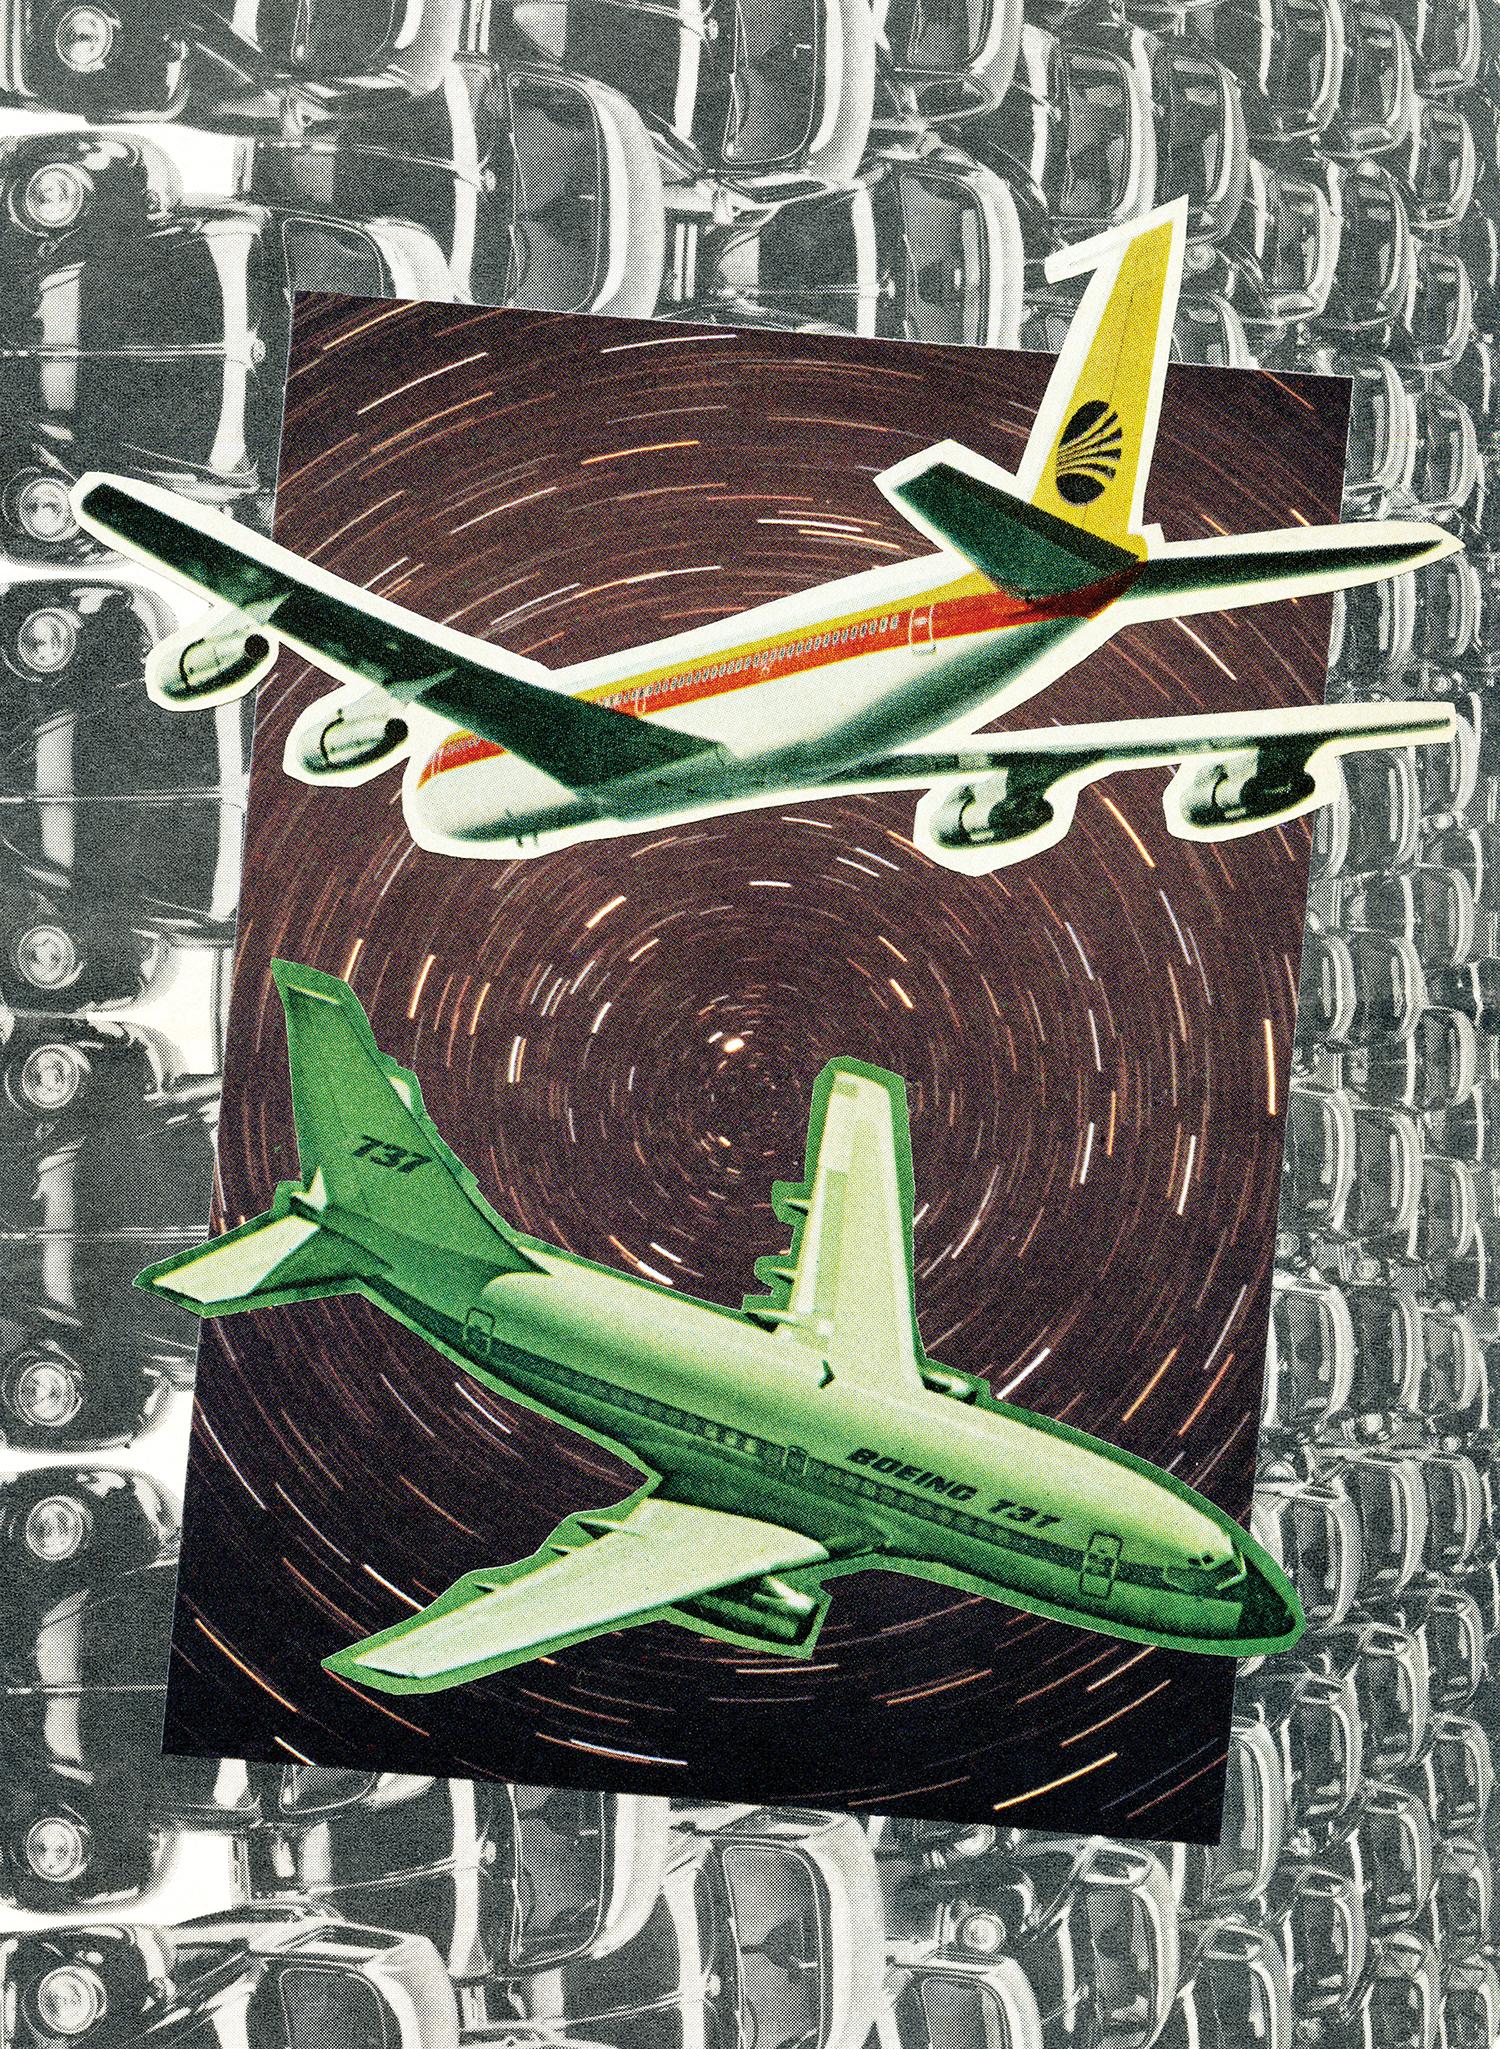 1551369811660-Aeroplane-Vortex-300_300